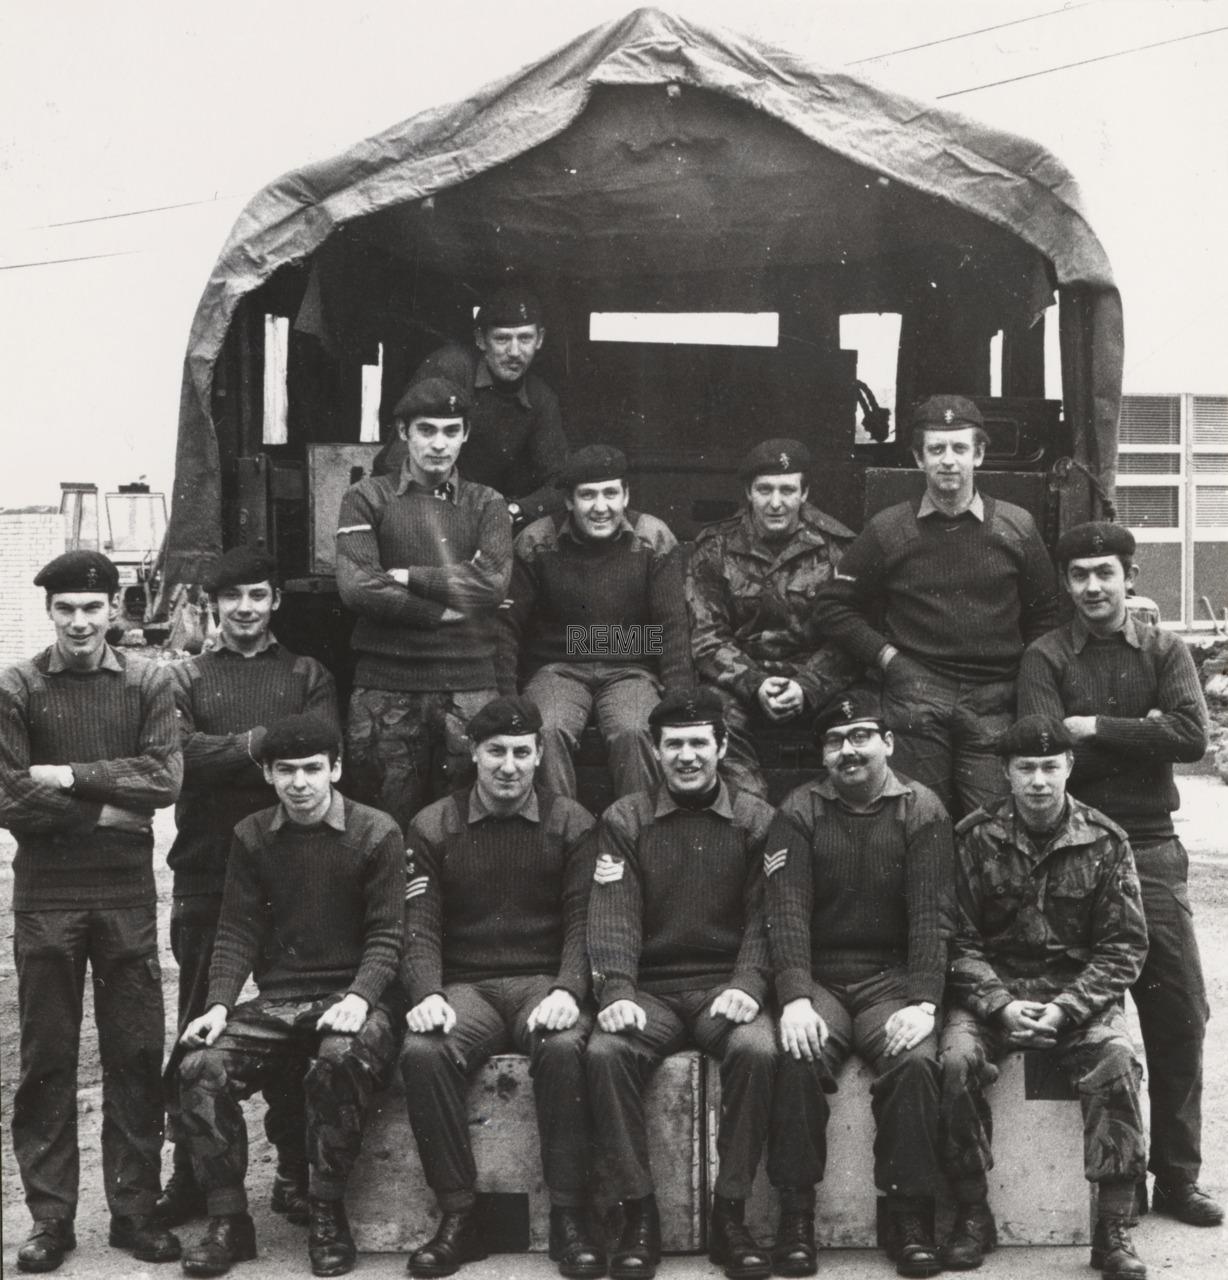 3 Light Infantry LAD (Light Aid Detachment), 1975